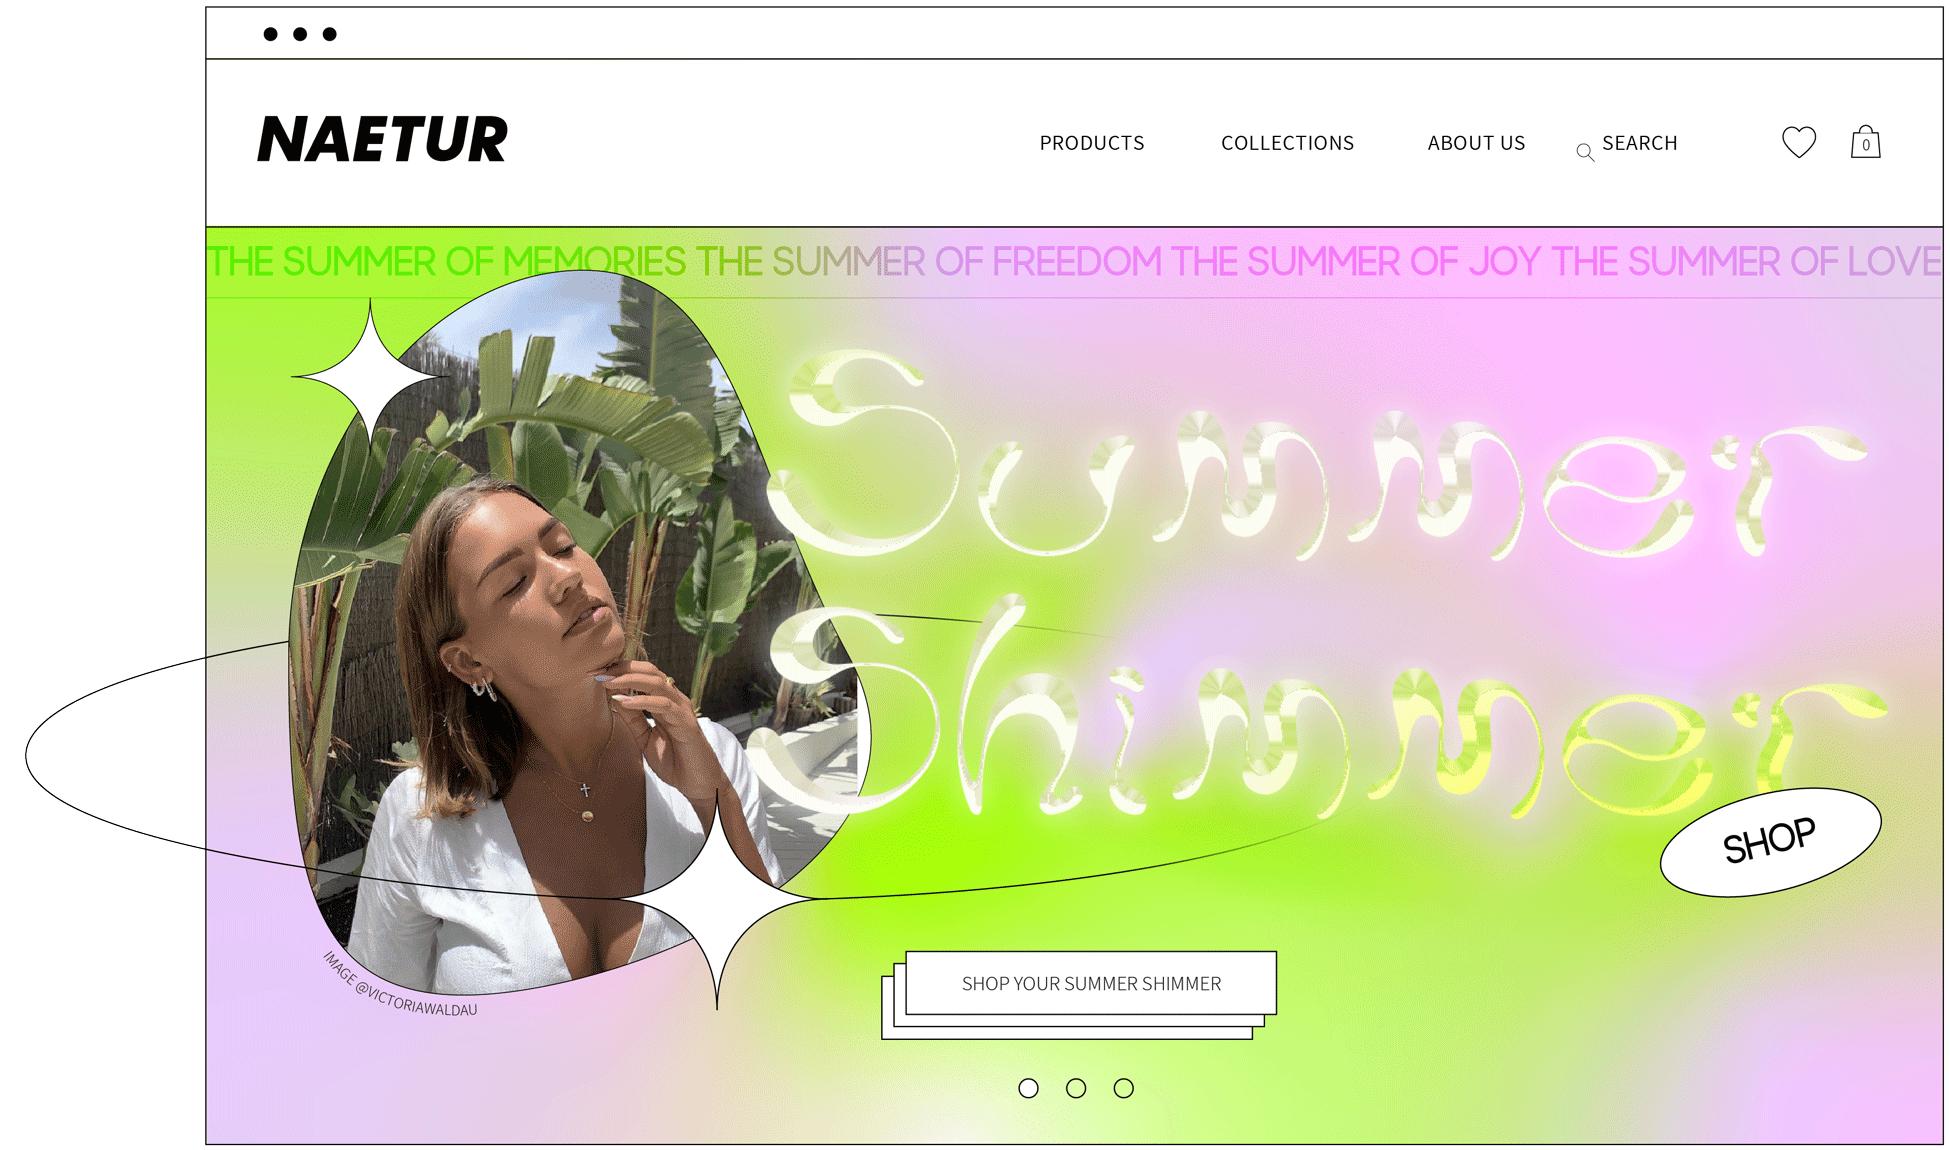 Naetur Summer Shimmer design art direction and branding